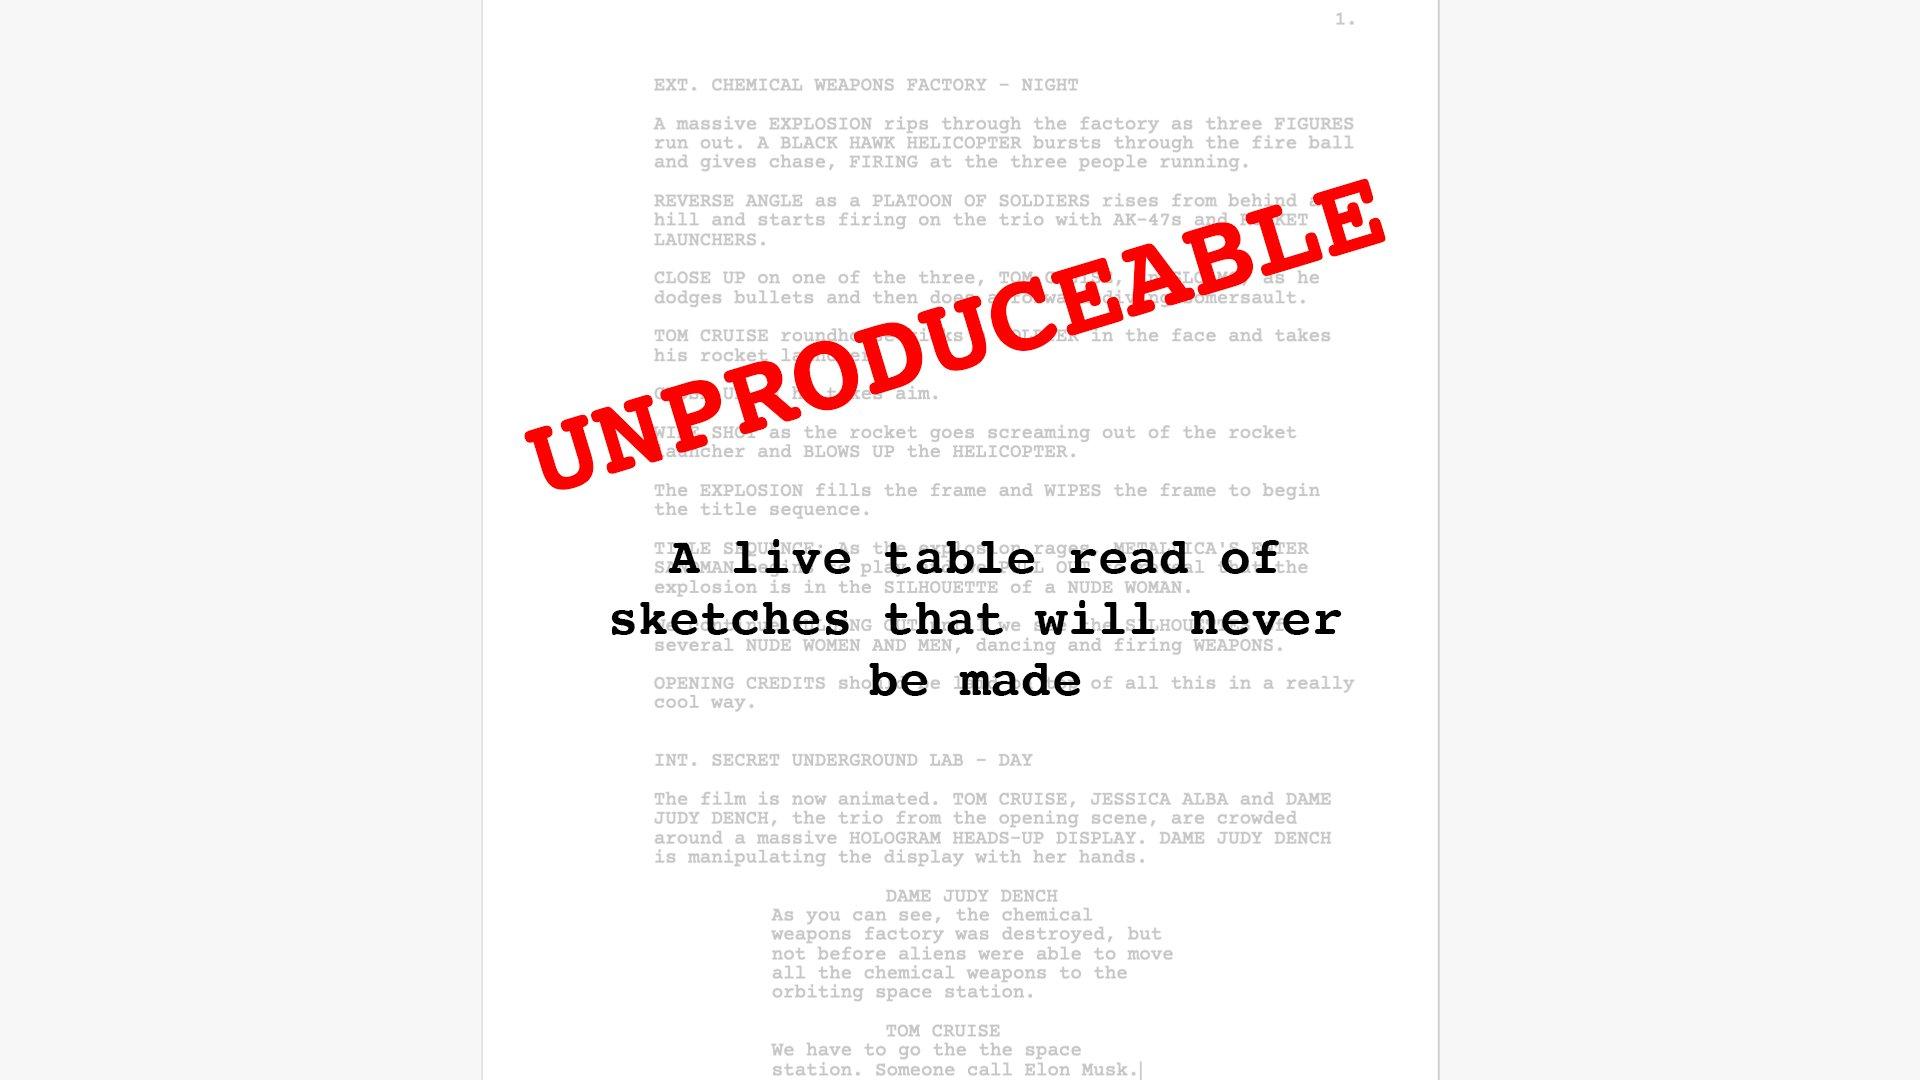 Unproduceable